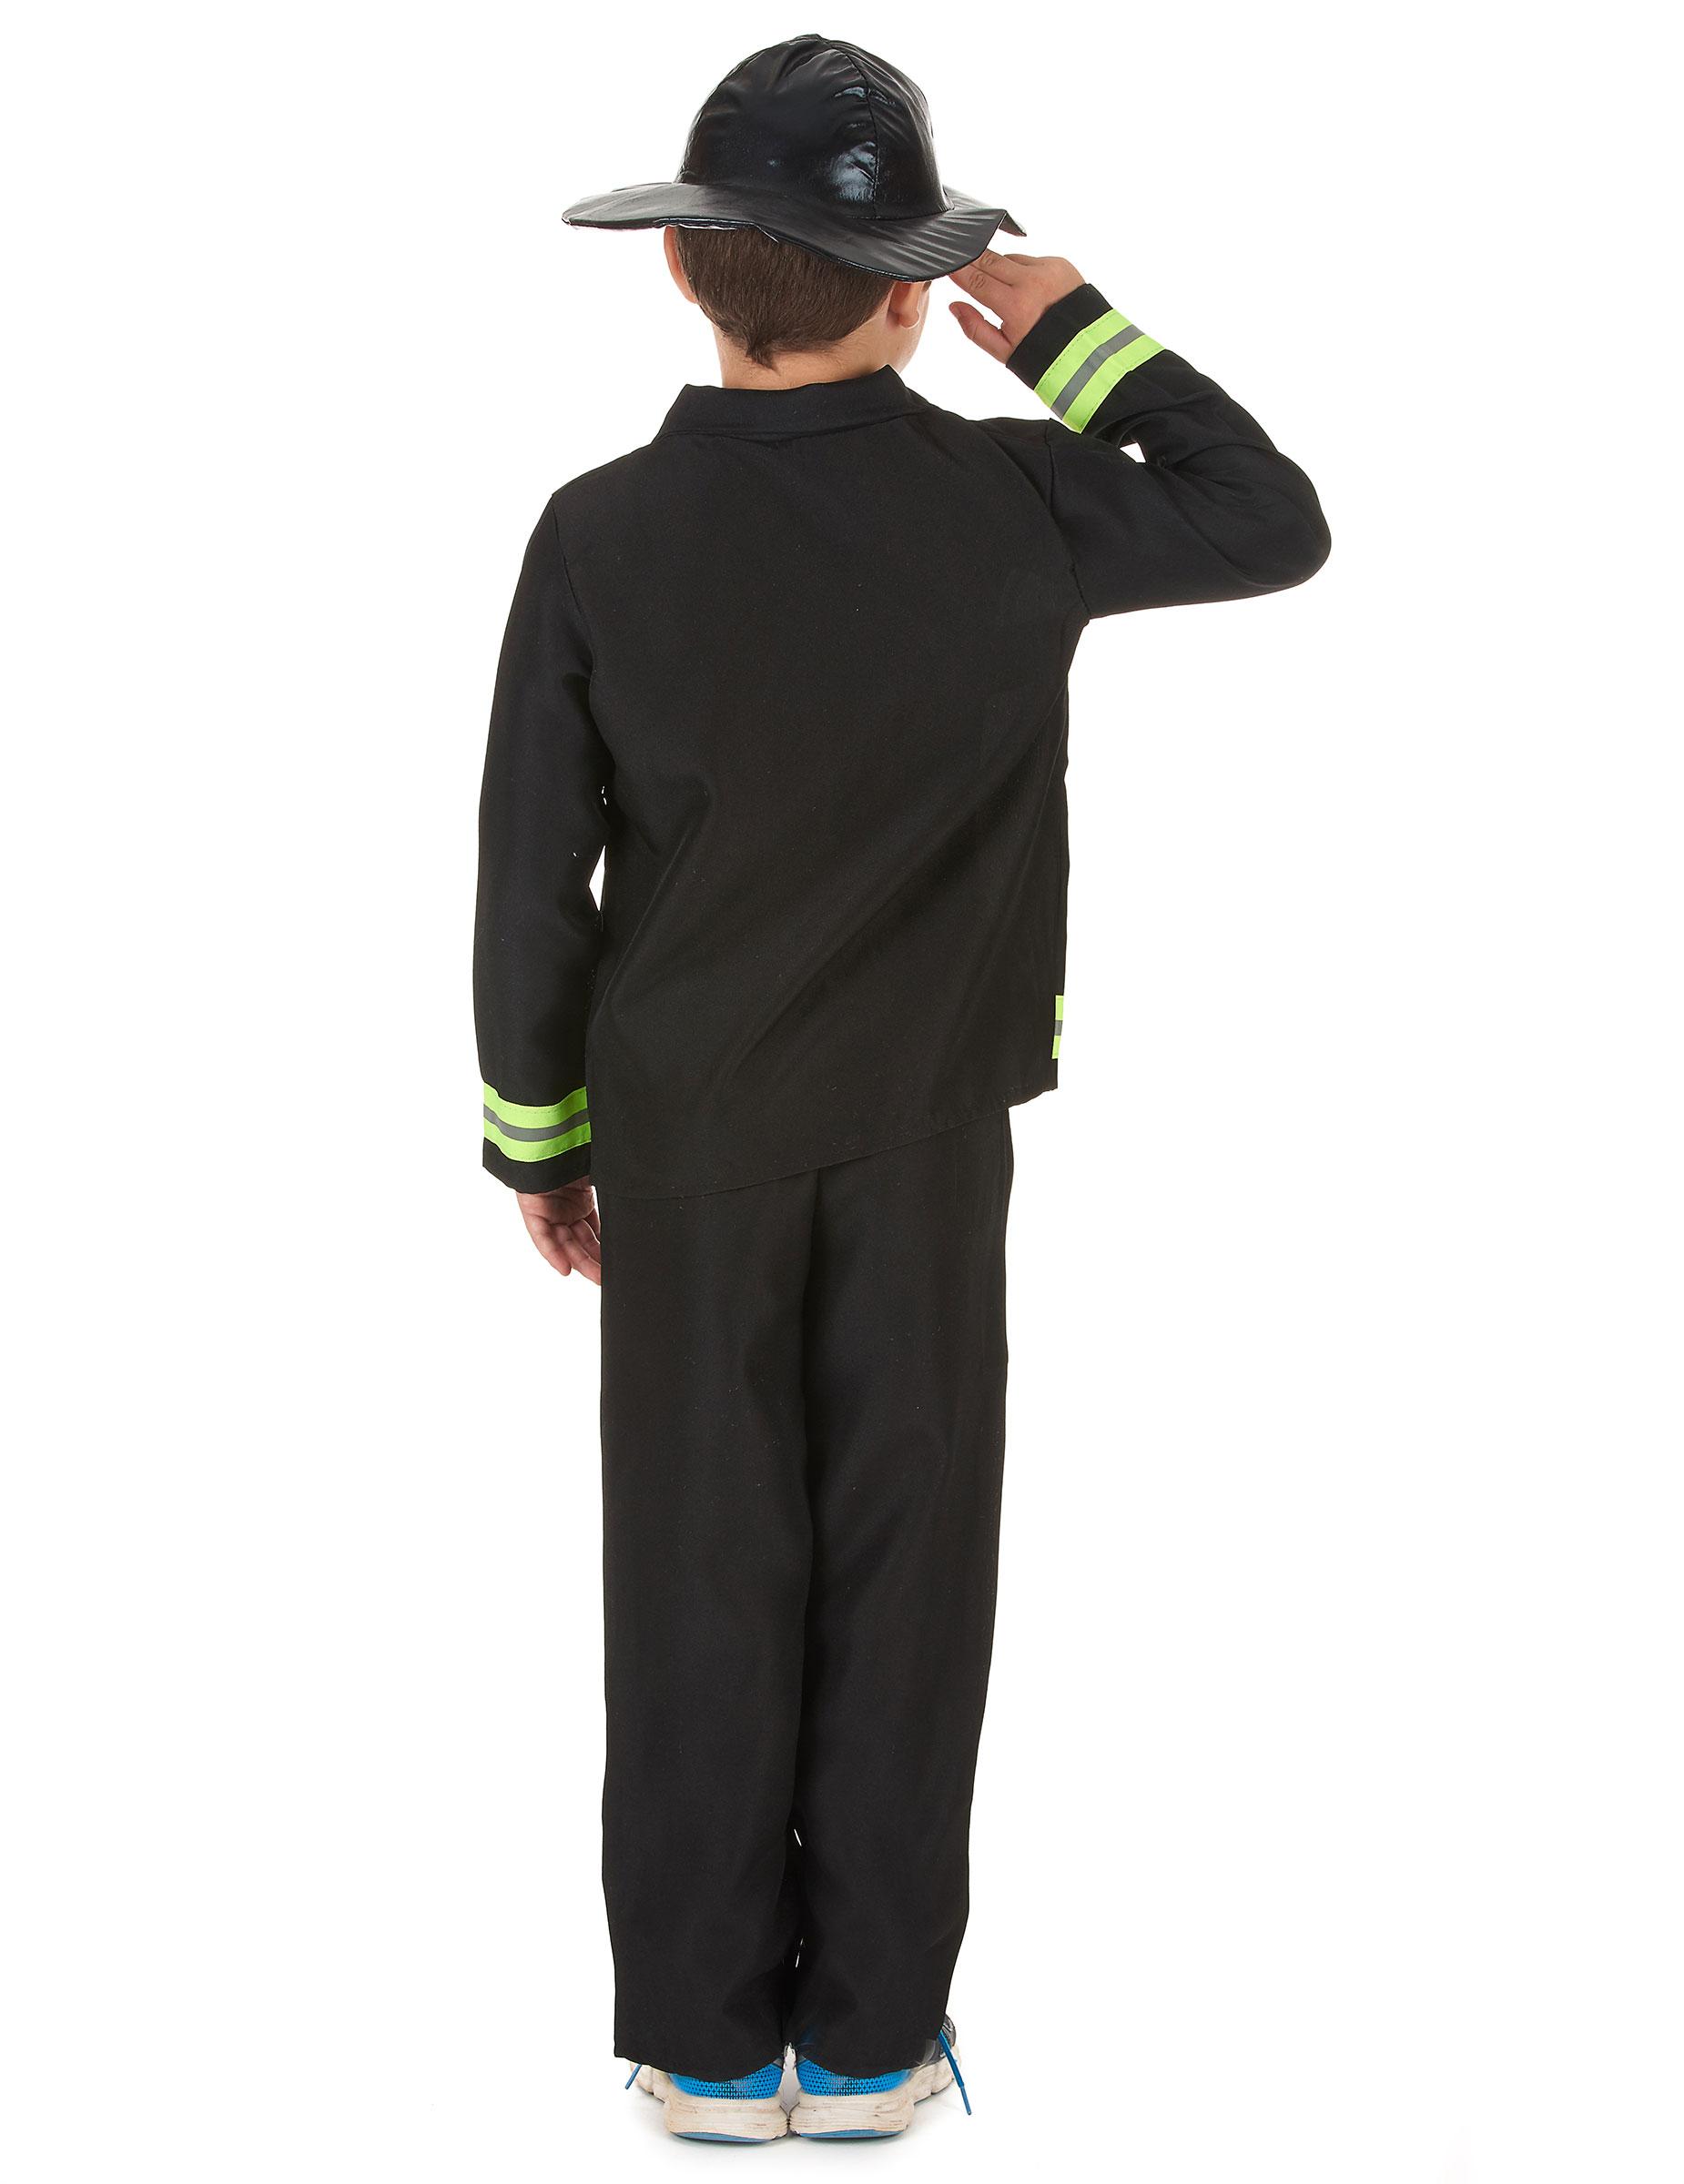 d guisement pompier gar on achat de d guisements enfants sur vegaoopro grossiste en d guisements. Black Bedroom Furniture Sets. Home Design Ideas